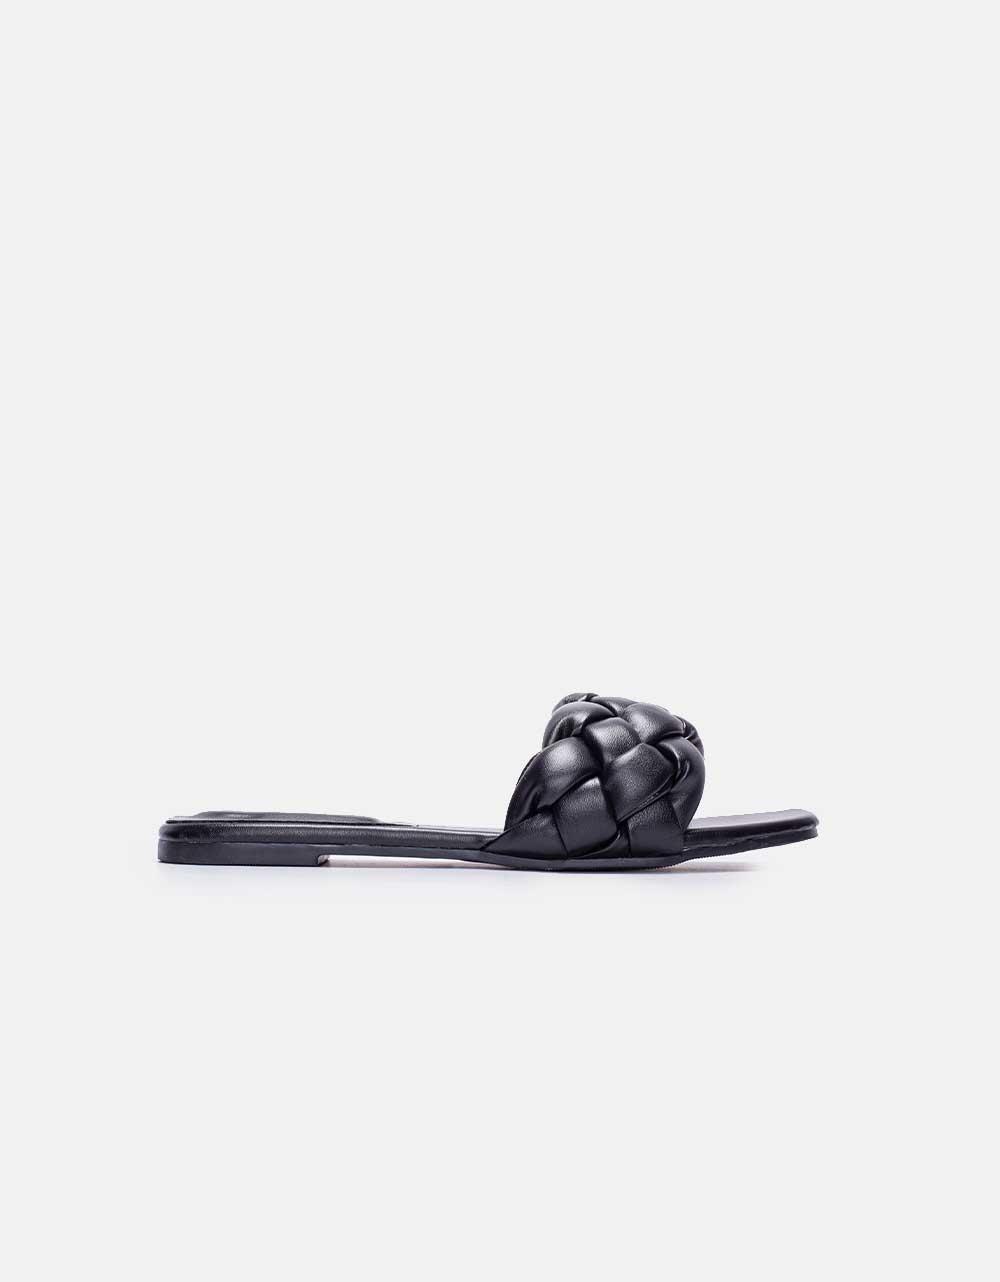 Εικόνα από Γυναικεία σανδάλια με πλεκτό σχέδιο Μαύρο